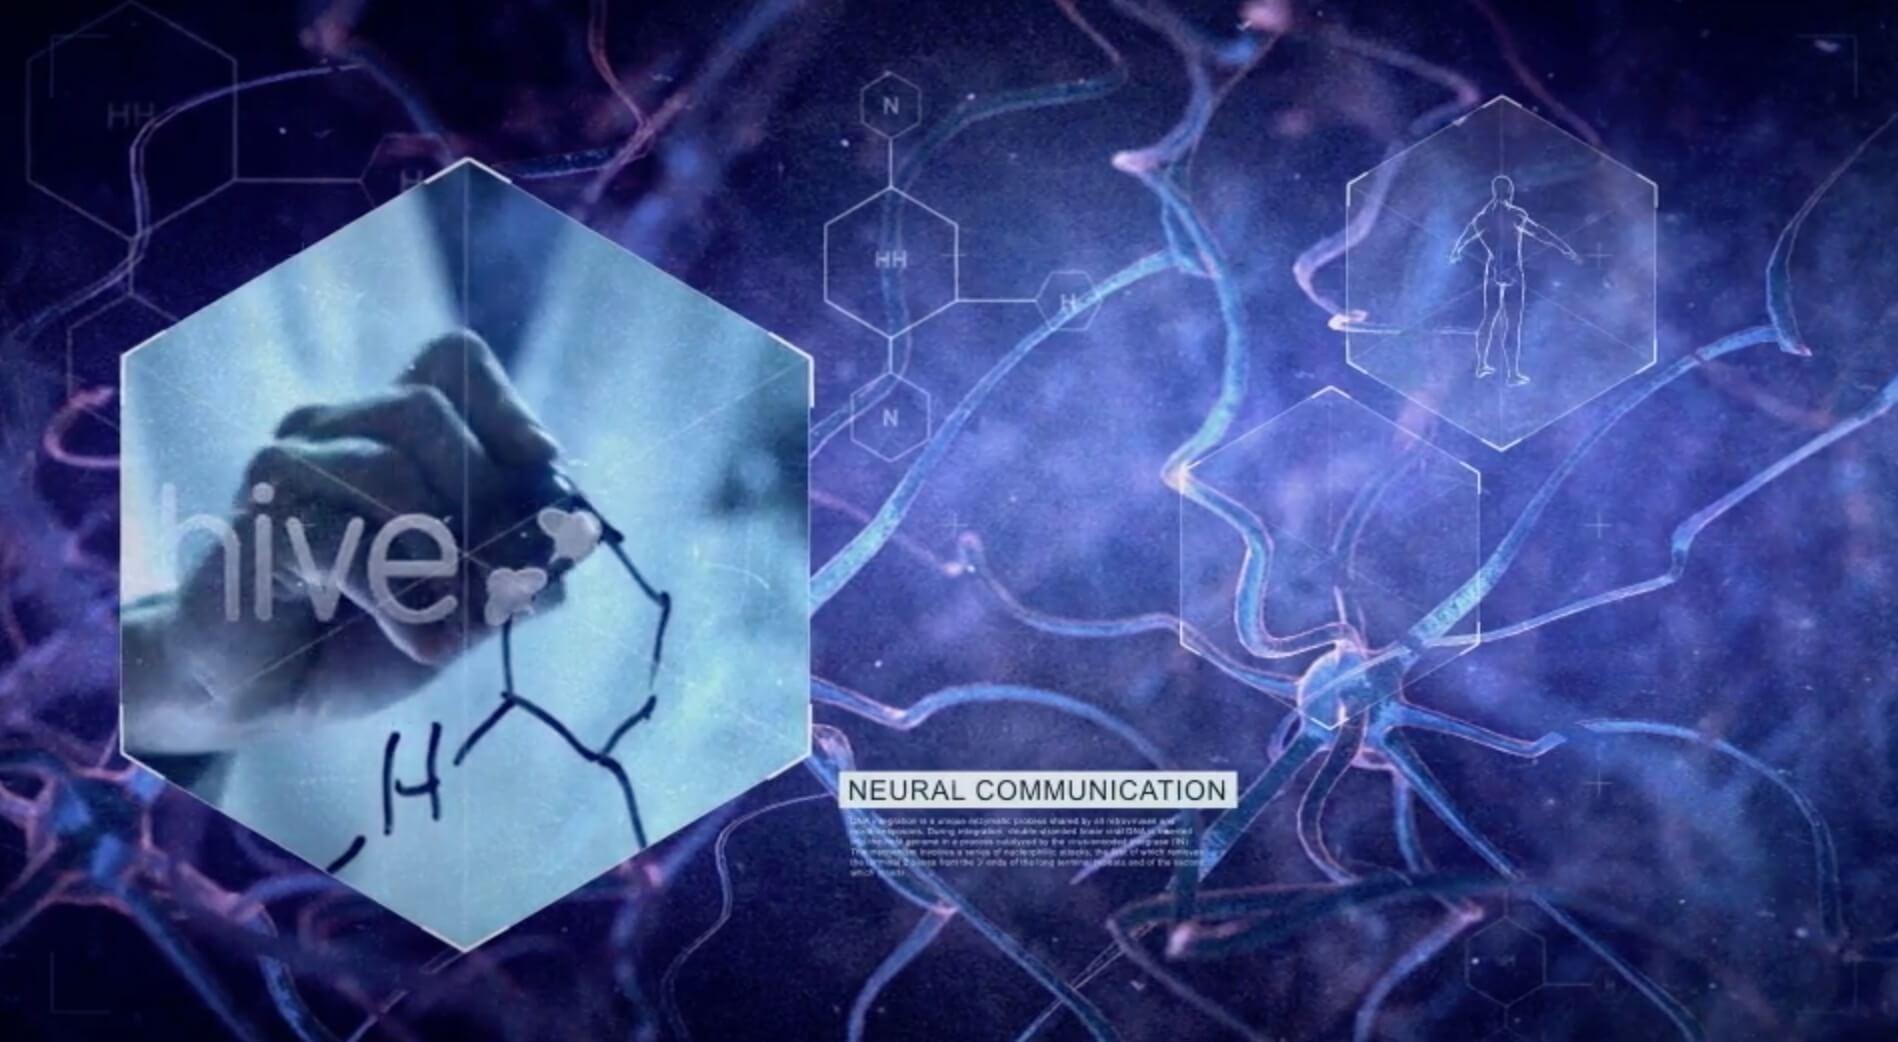 AE模板-神经细胞图文展示插图2